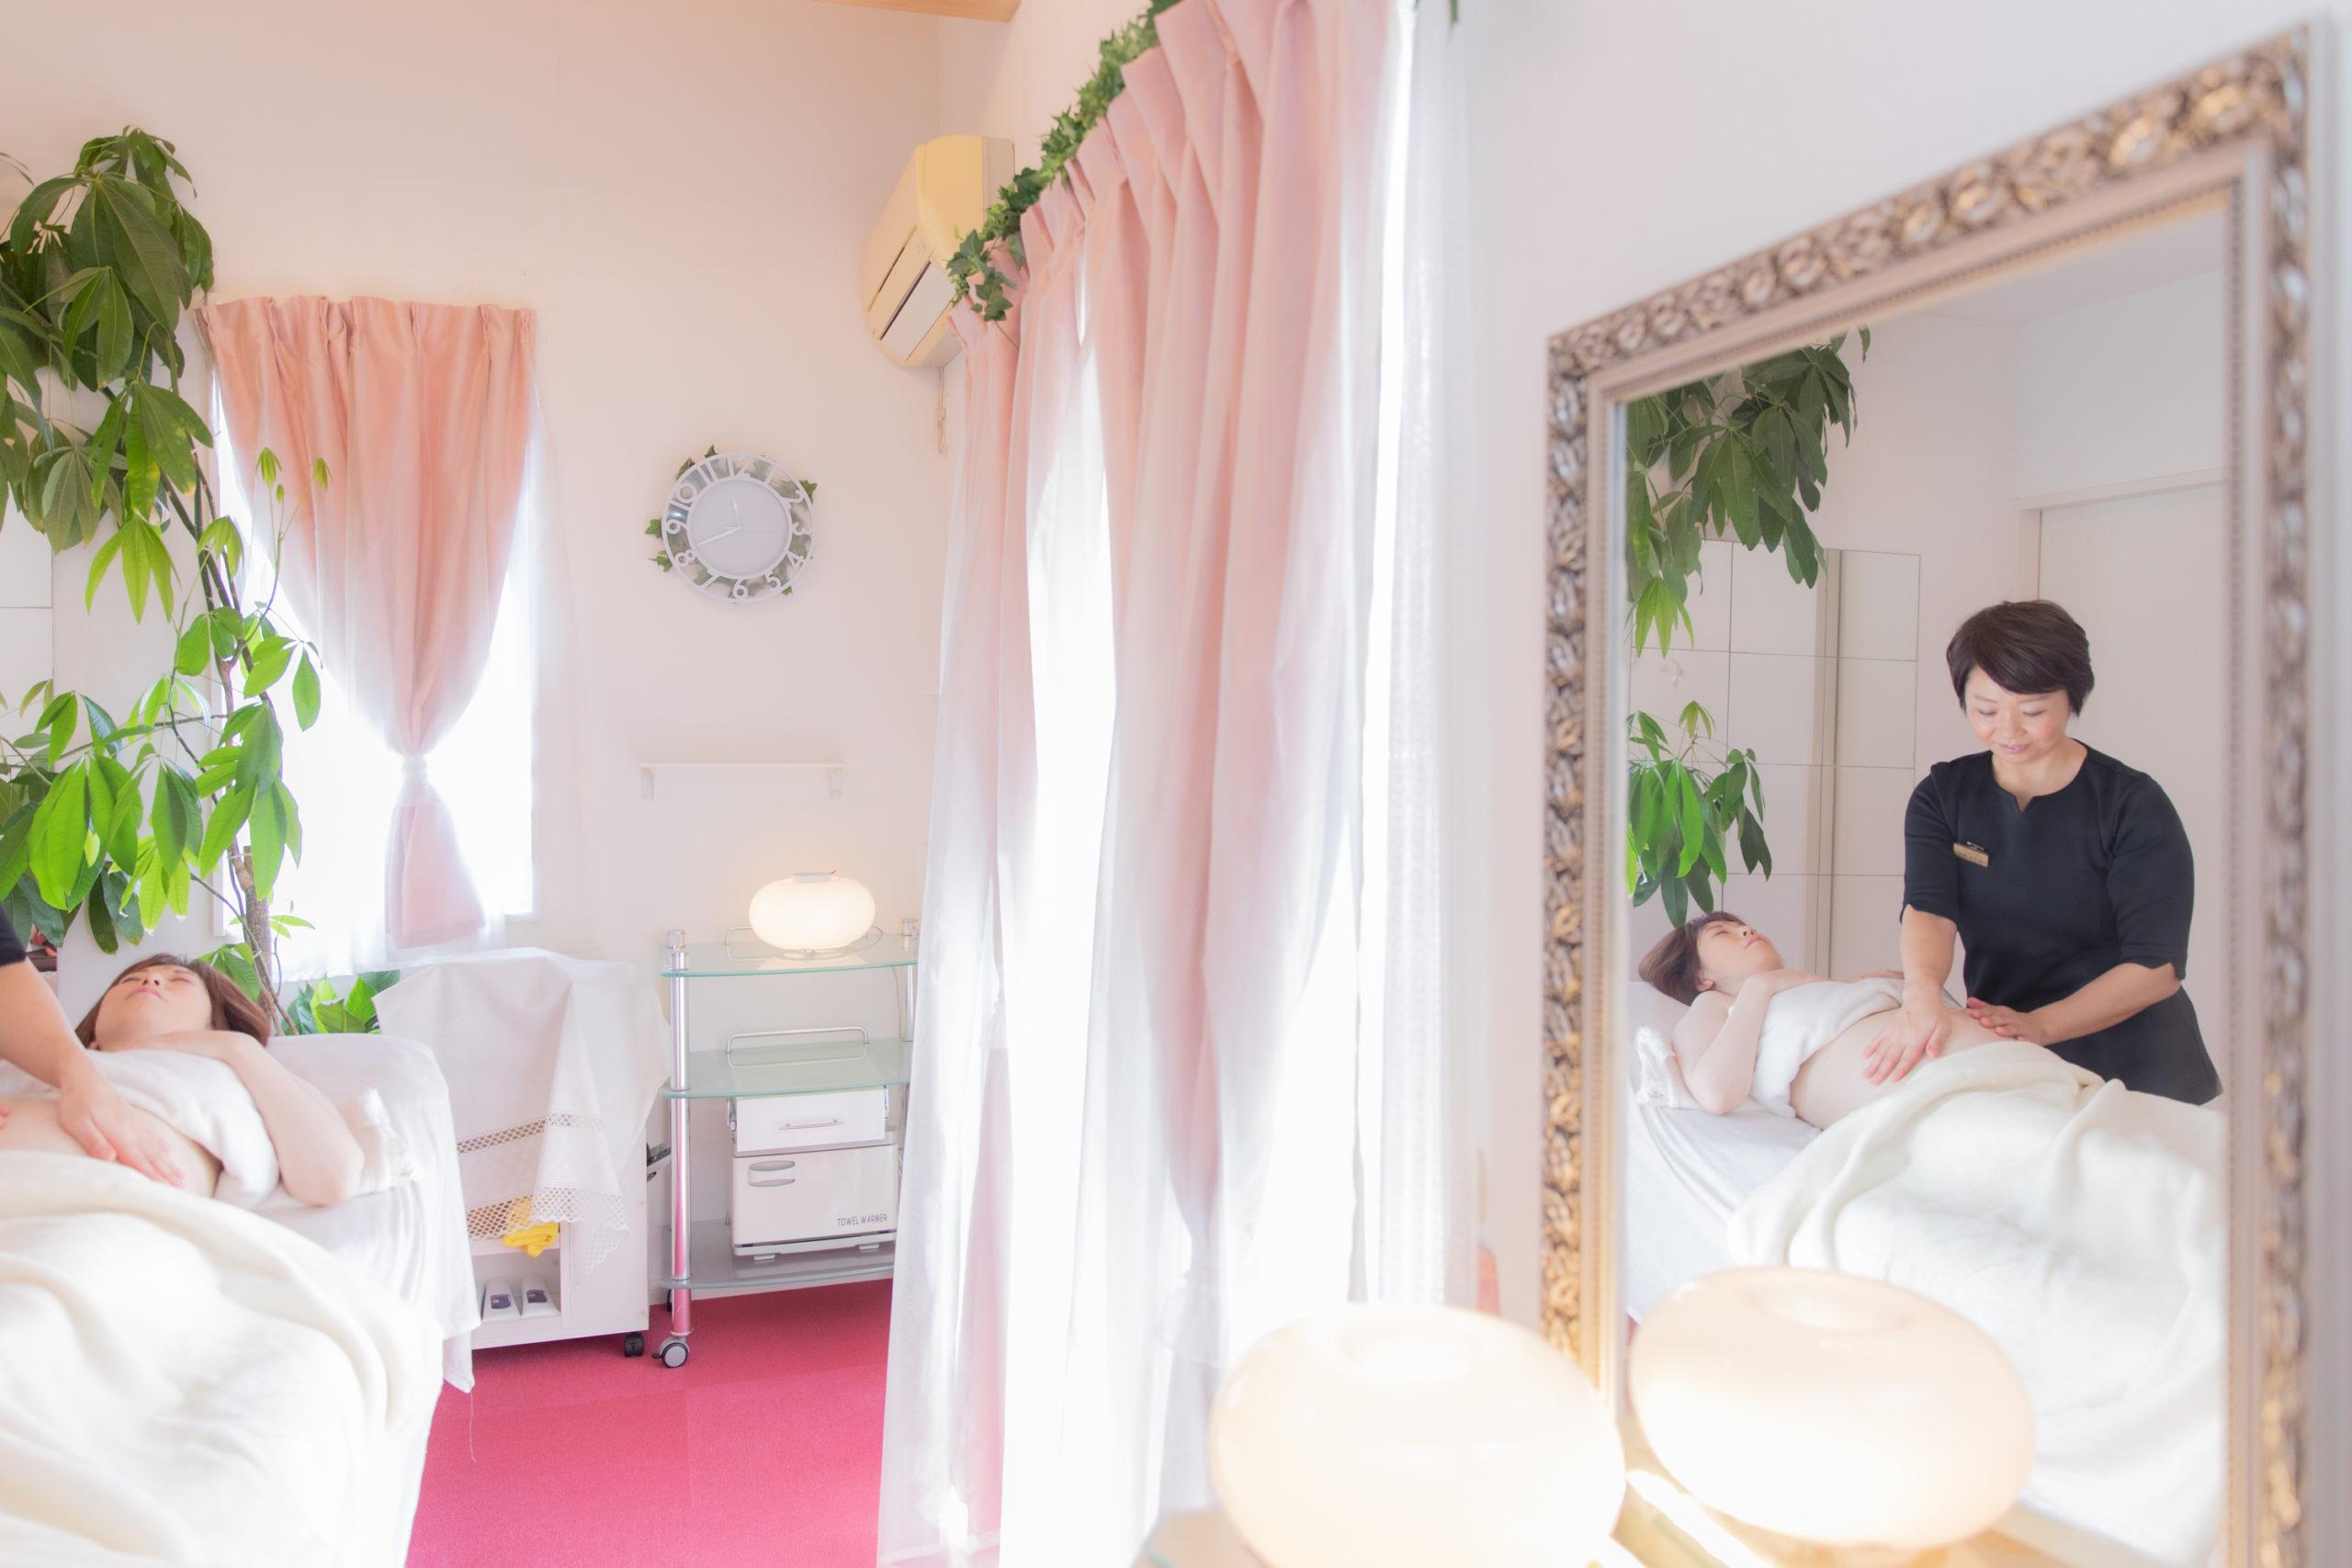 マタニティマッサージ 妊婦マッサージ 産前産後サロン 子連れサロン 骨盤調整 茨城県水戸市